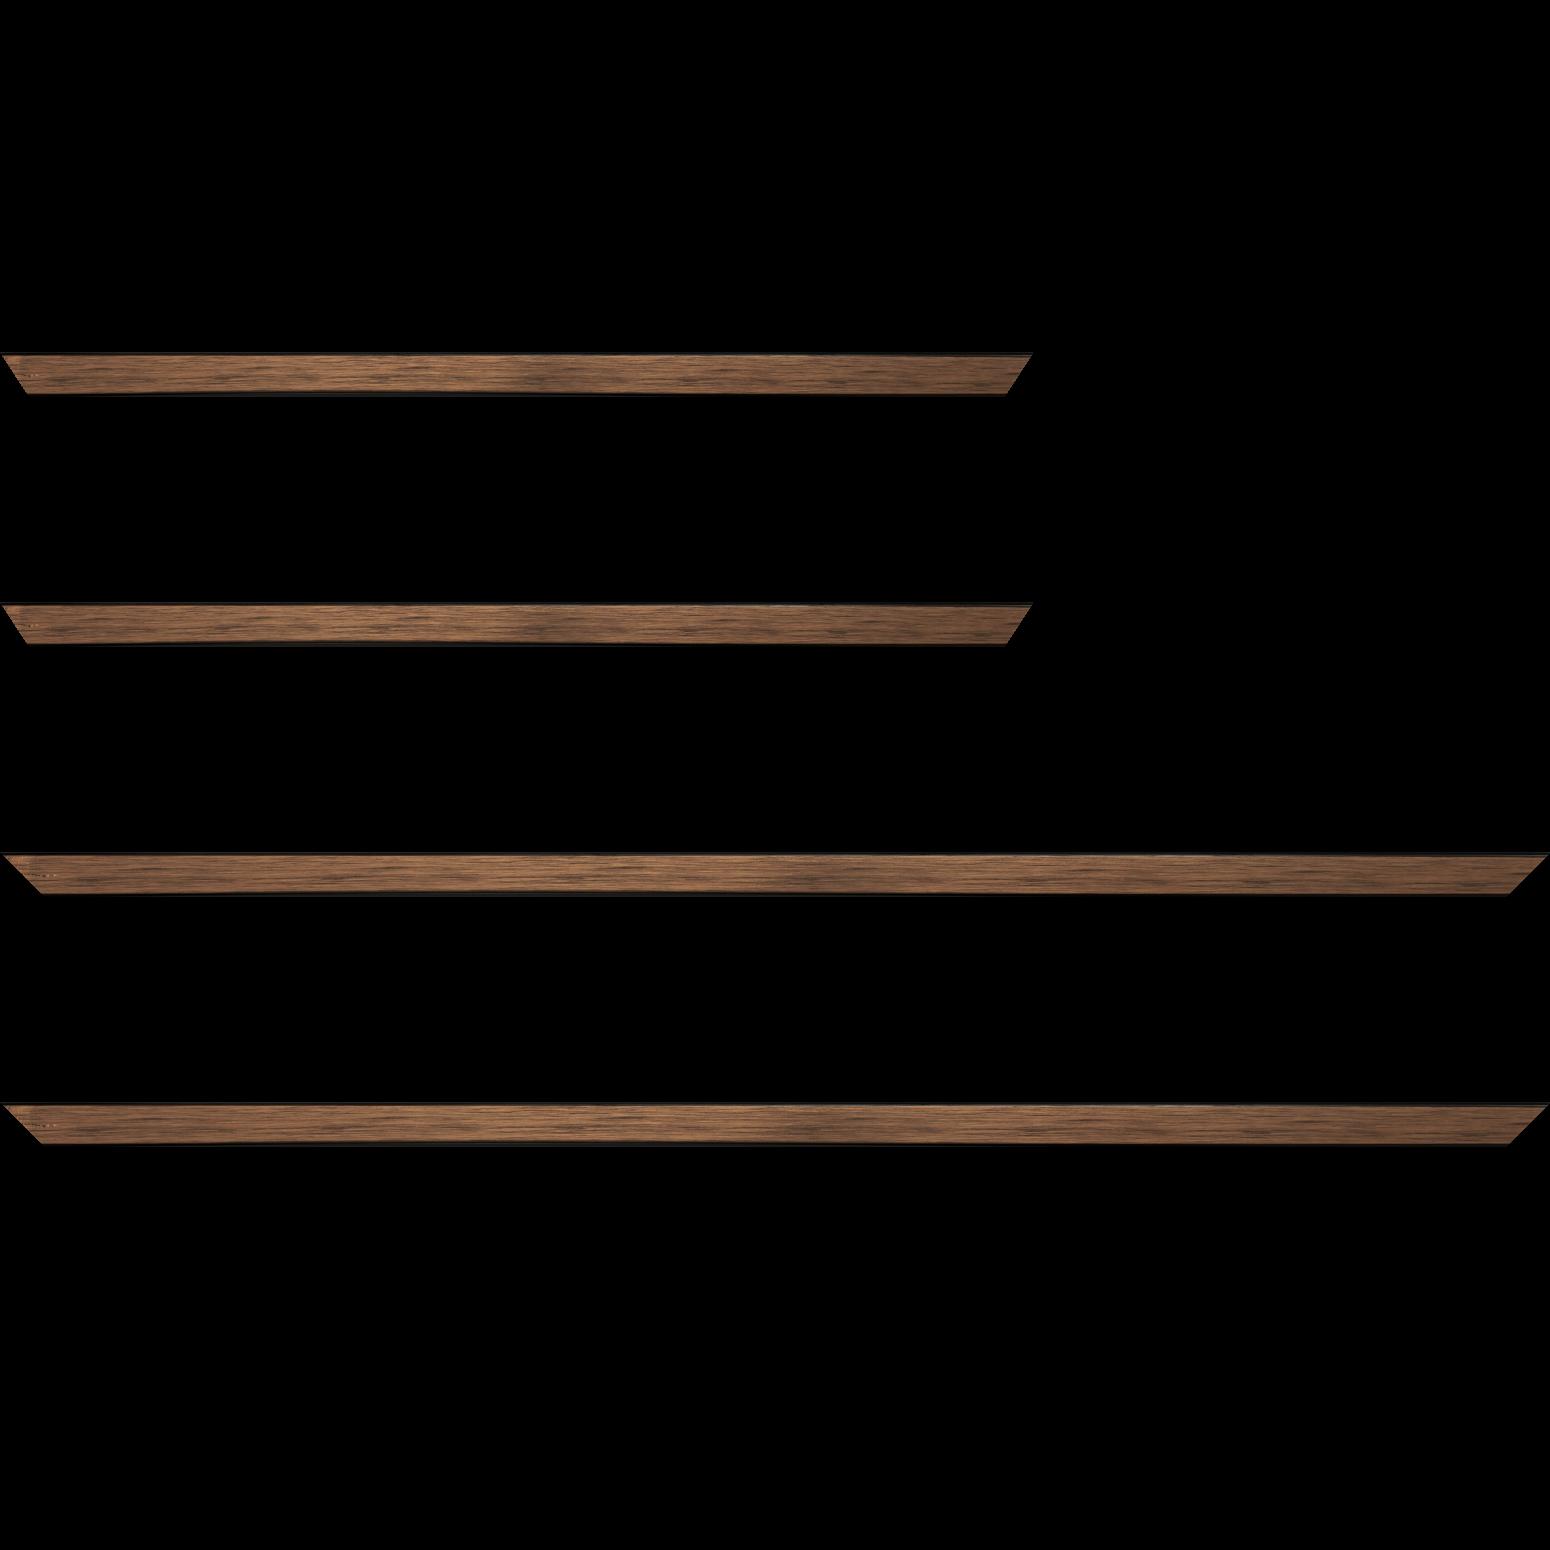 Baguette bois profil plat largeur 1.5cm couleur cuivre foncé